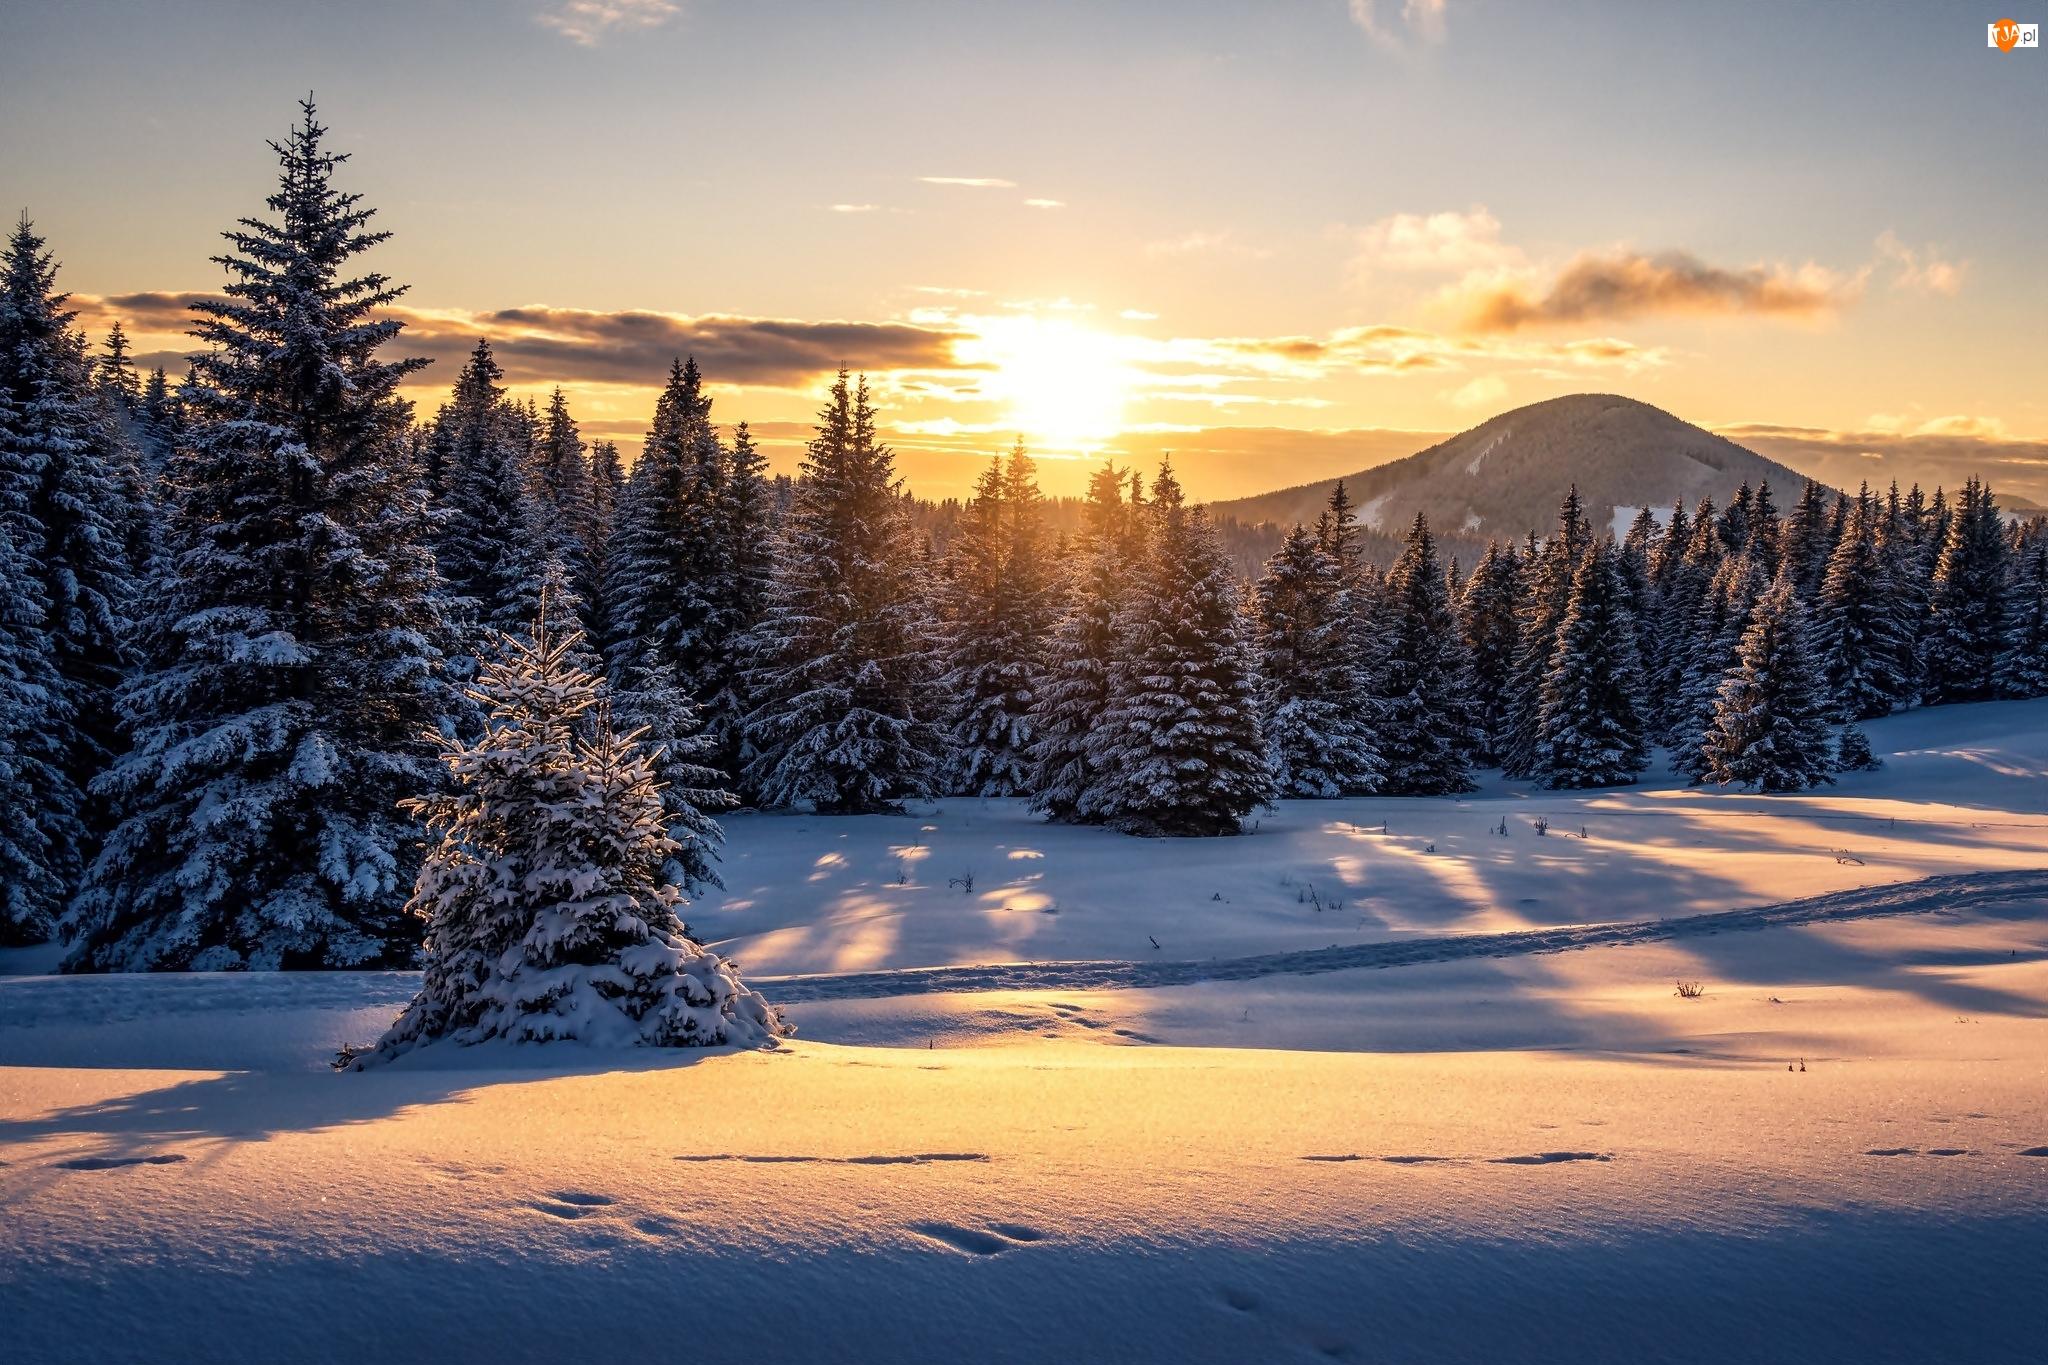 Ścieżka, Góry, Śnieg, Zachód słońca, Lasy, Wydeptana, Zima, Drzewa